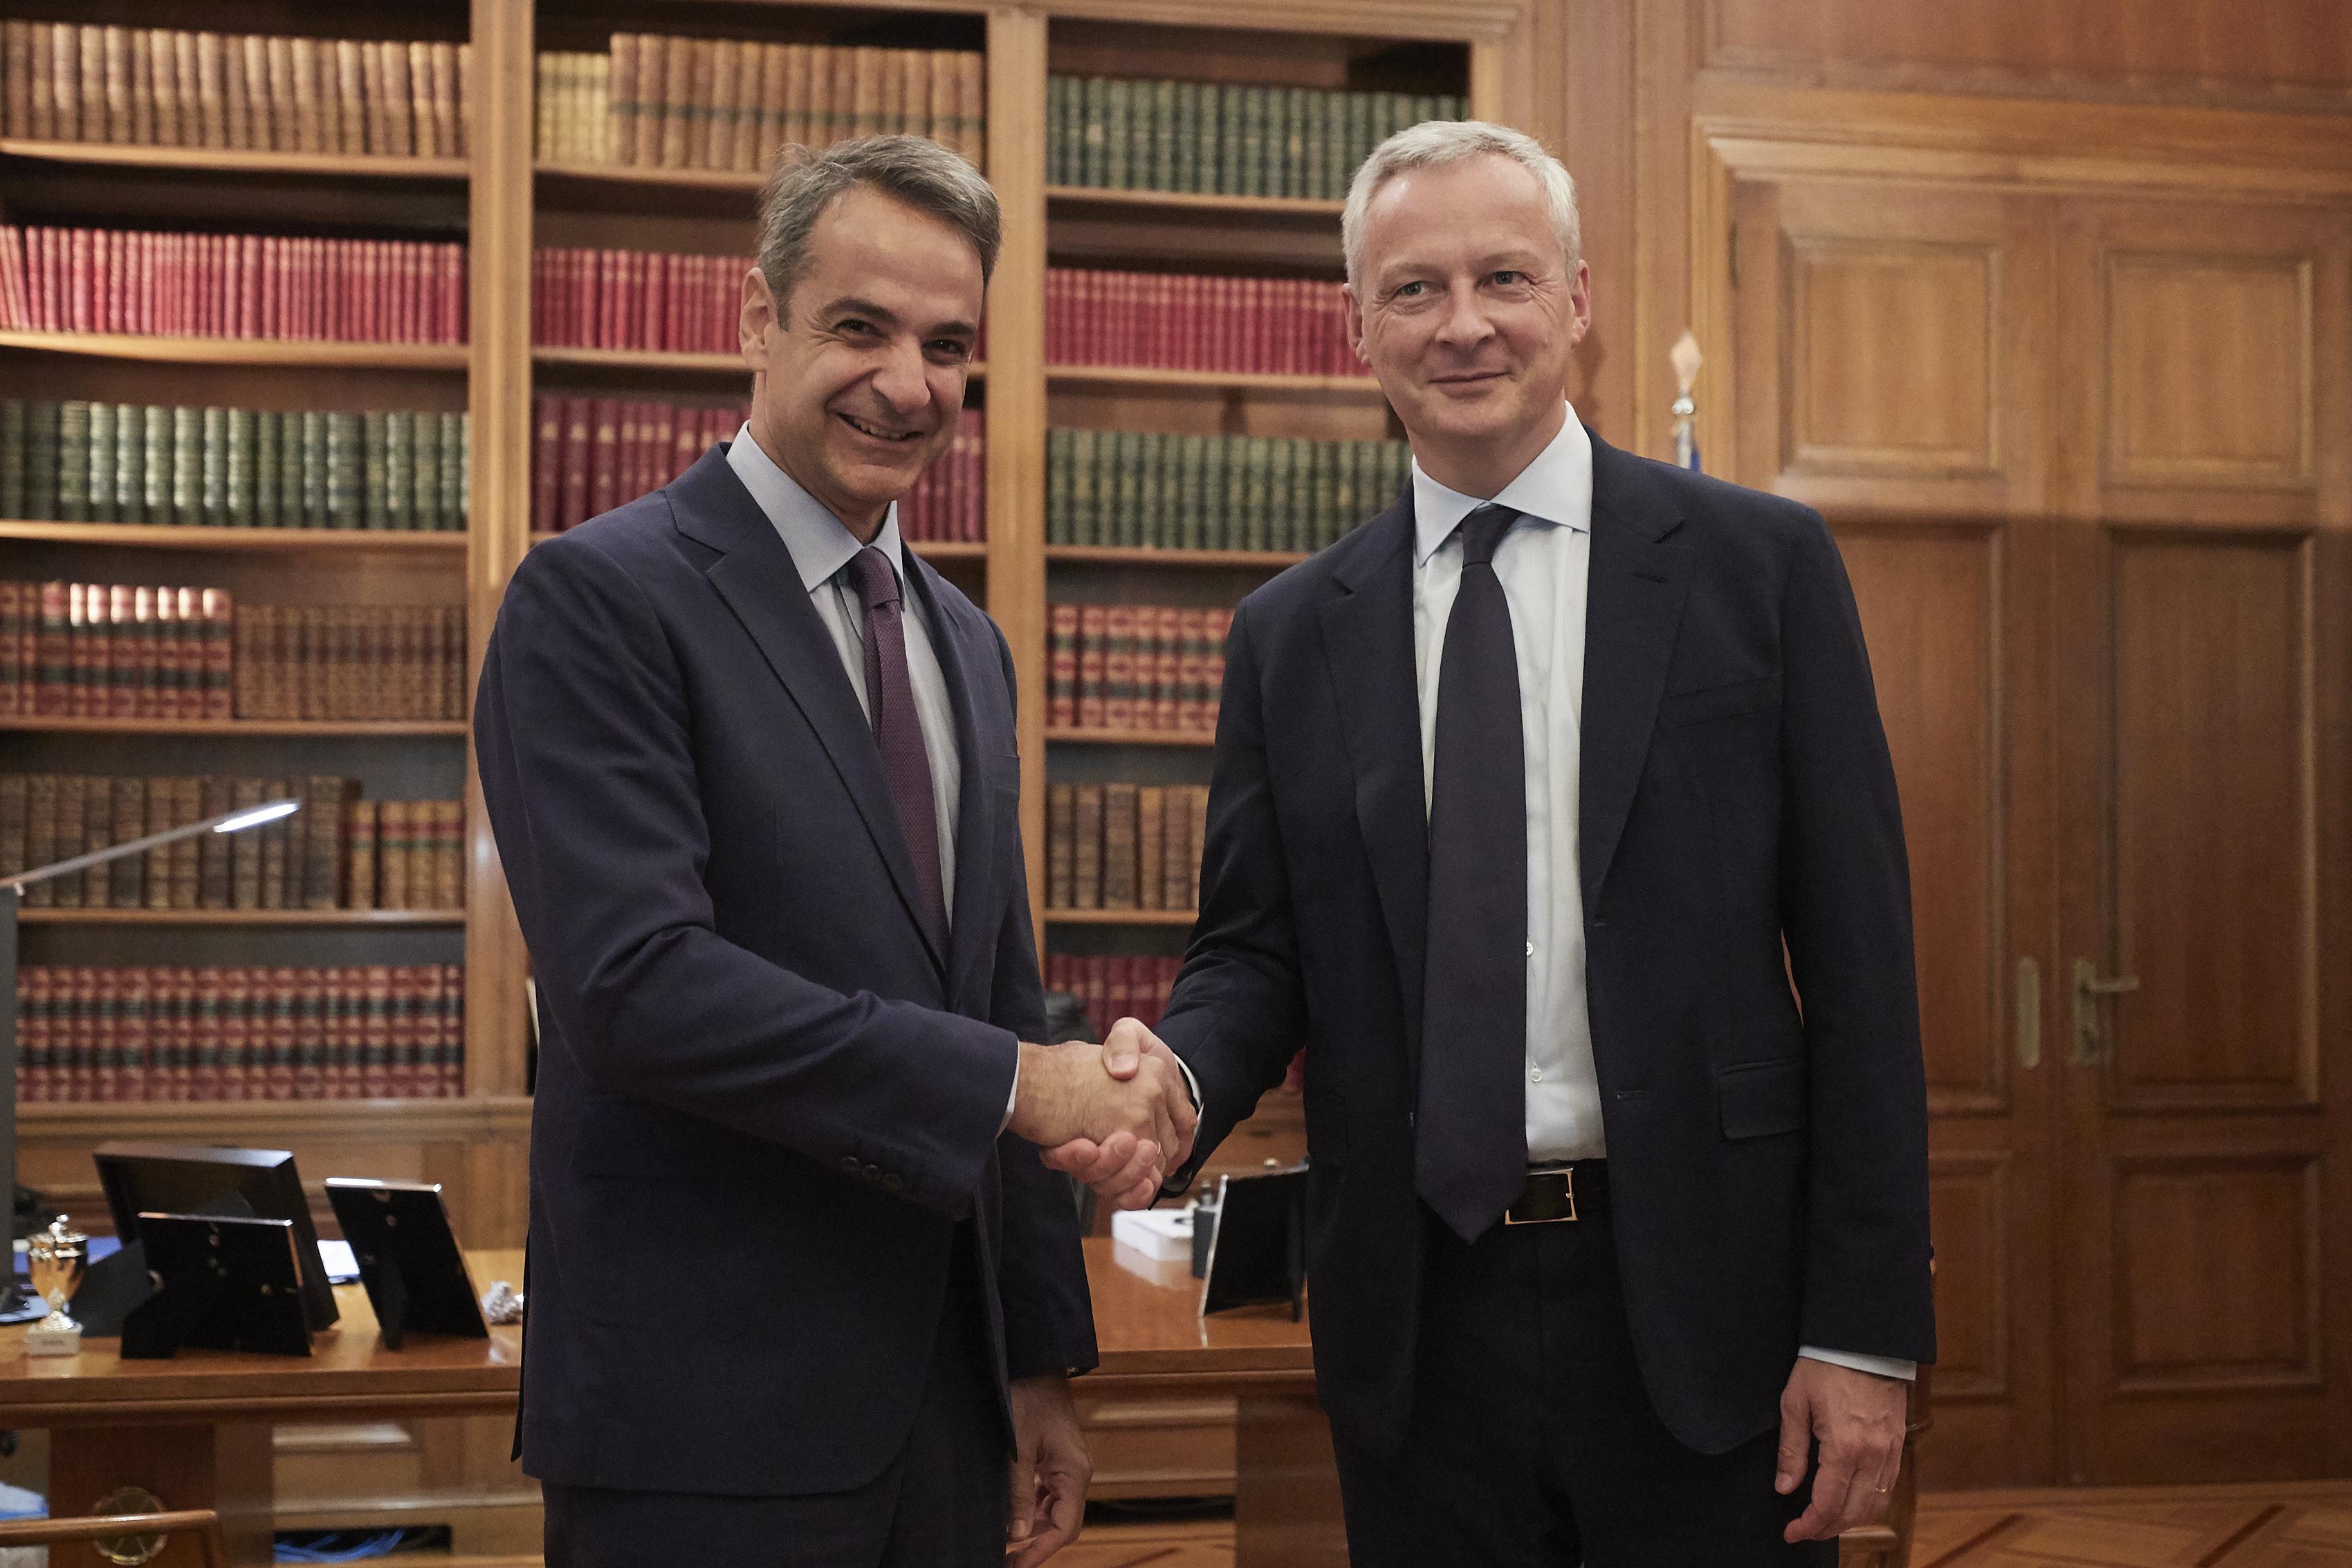 Με τον Γάλλο υπουργό Οικονομικών Μπρούνο Λε Μερ συναντήθηκε ο Μητσοτάκης [pics]